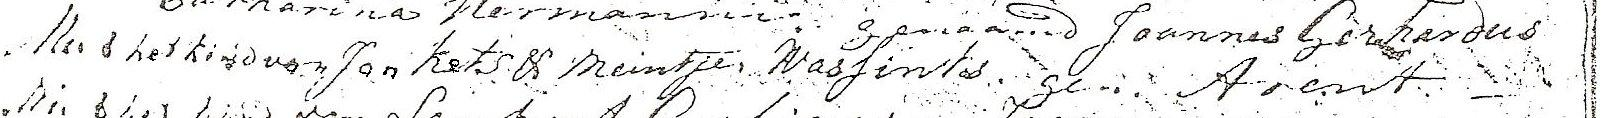 Detail doopboek Hoog Keppel: doop Arend Ketz 03-05-1768.